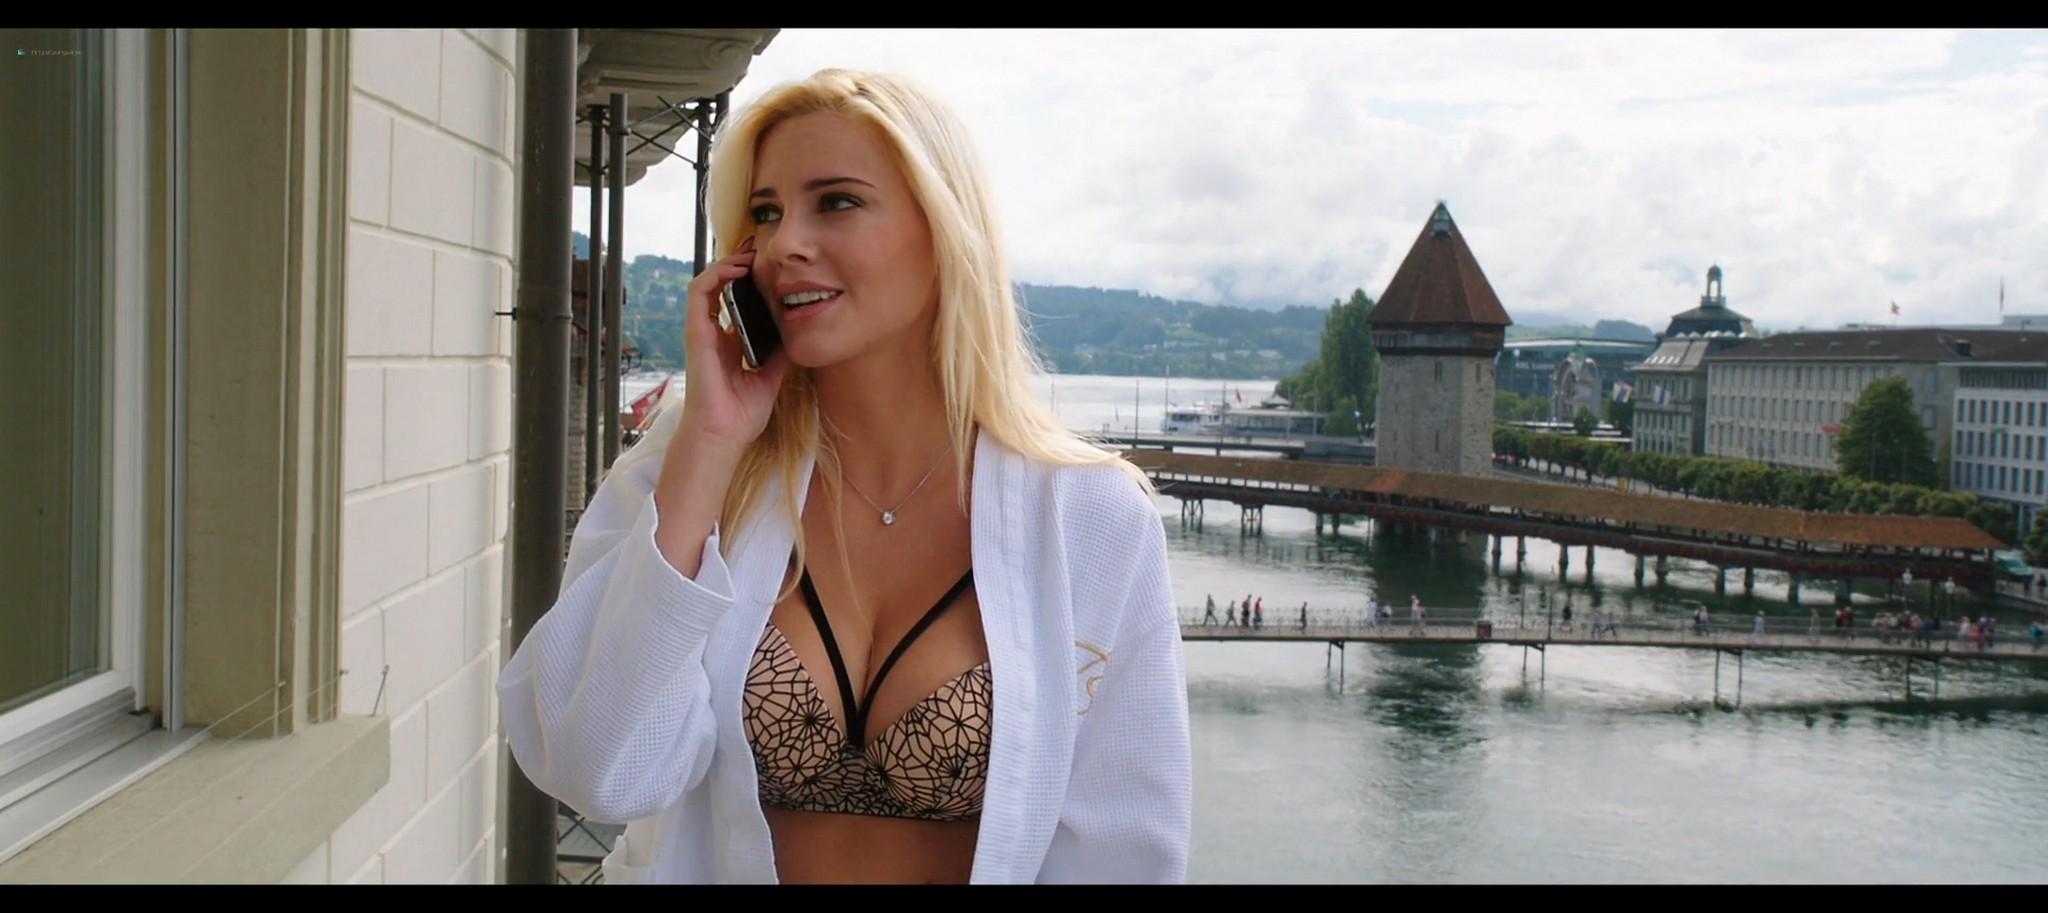 Manuela Arcuri hot bust Ria Antoniou sexy Non si ruba a casa dei ladri IT 2016 HD 1080p Web 017